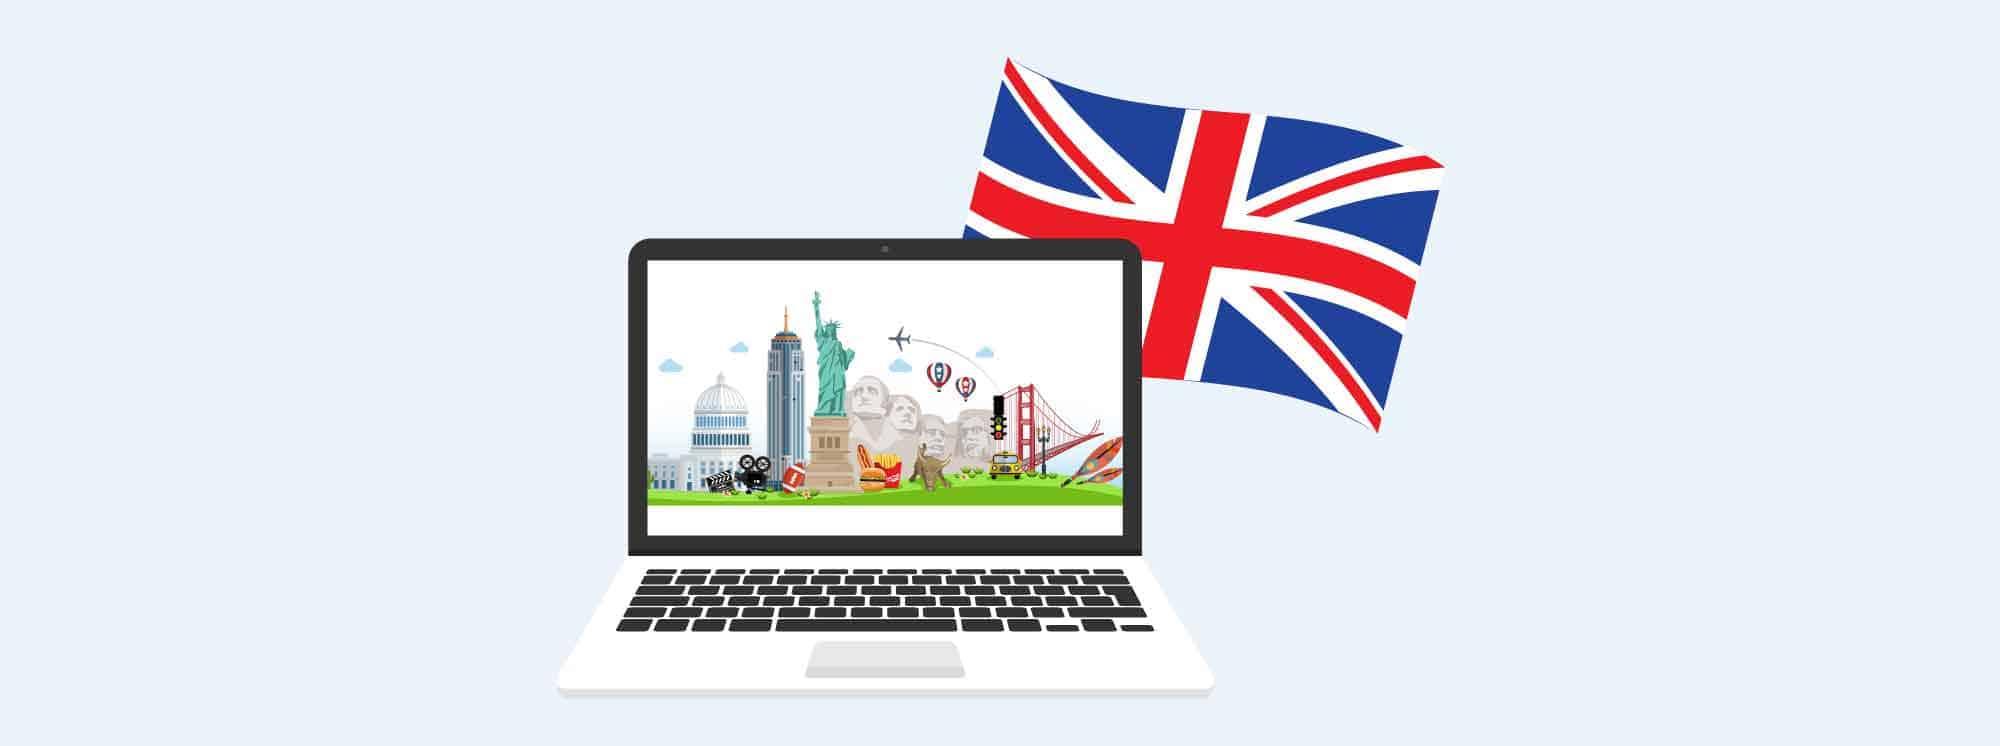 Best British Online Schools in the USA